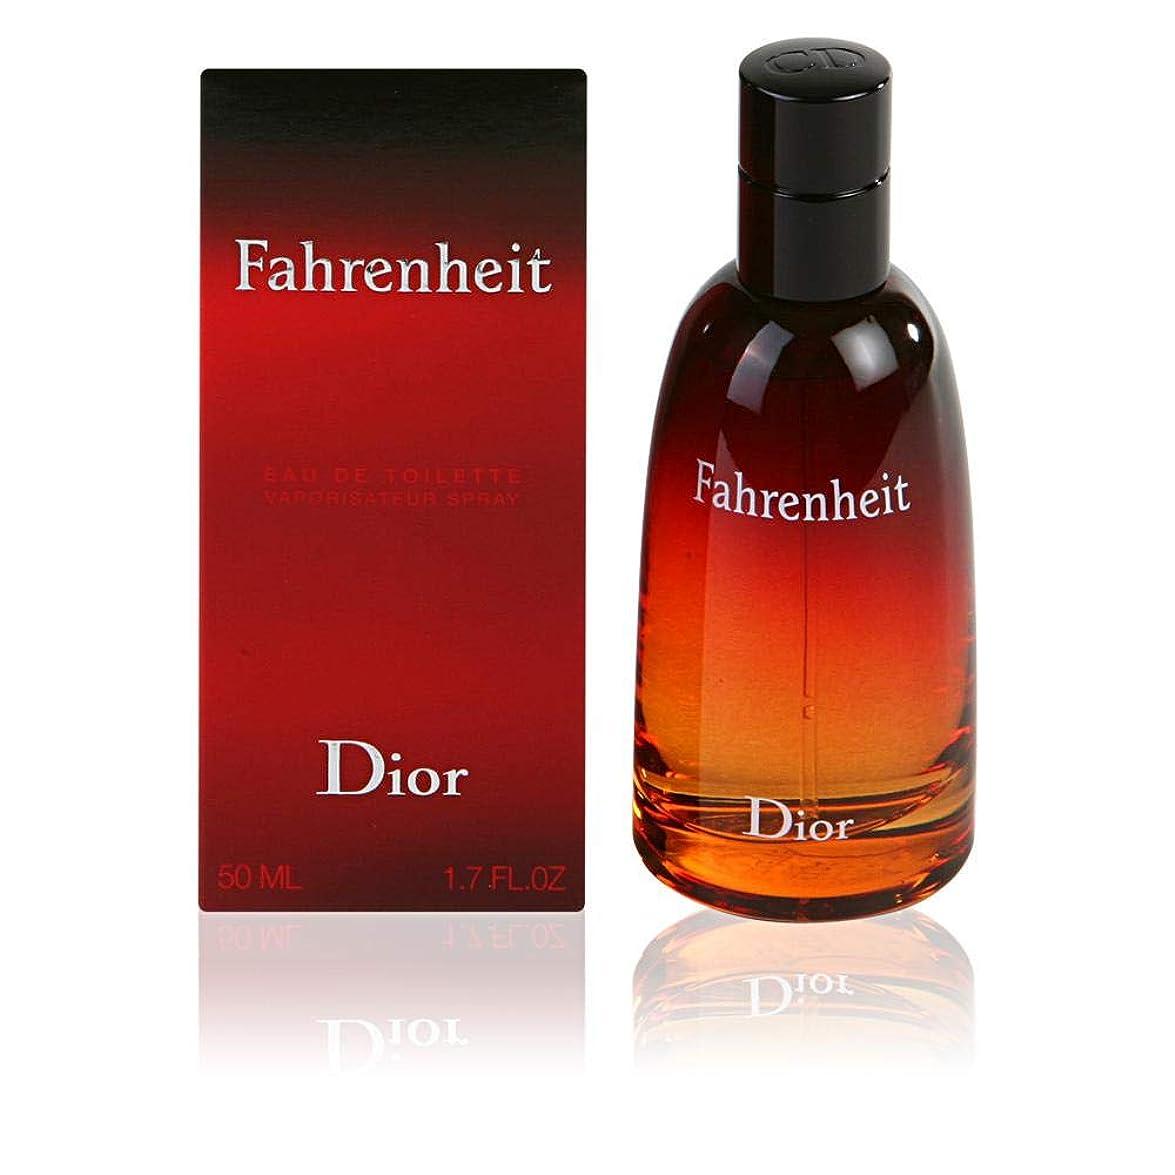 アベニューコンチネンタルアジャクリスチャンディオール CHRISTIAN DIOR ファーレンハイト EDT 200mL 香水